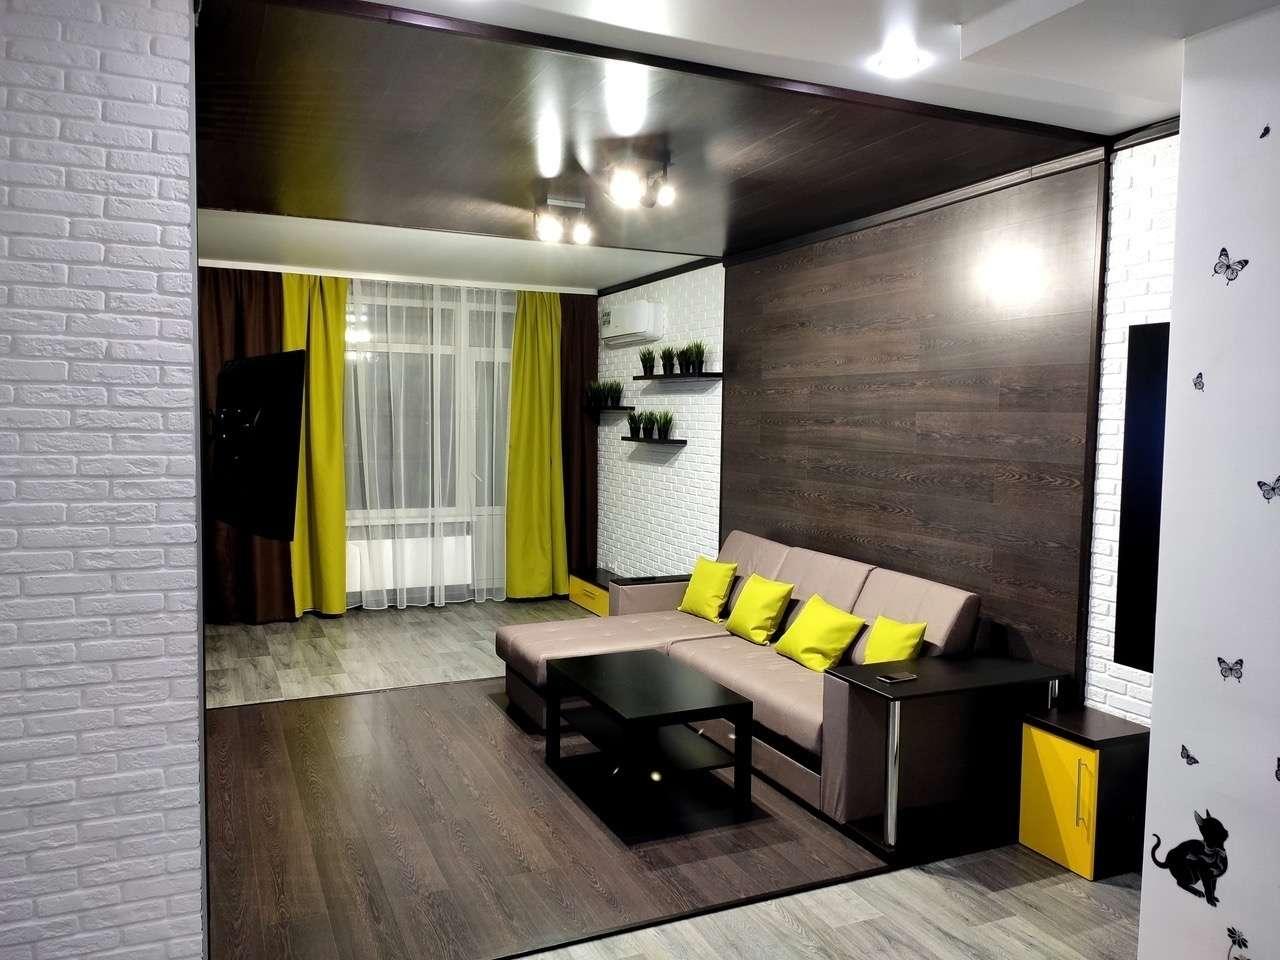 Аренда 1-комнатной квартиры, г. Тольятти, Спортивная улица  дом 45